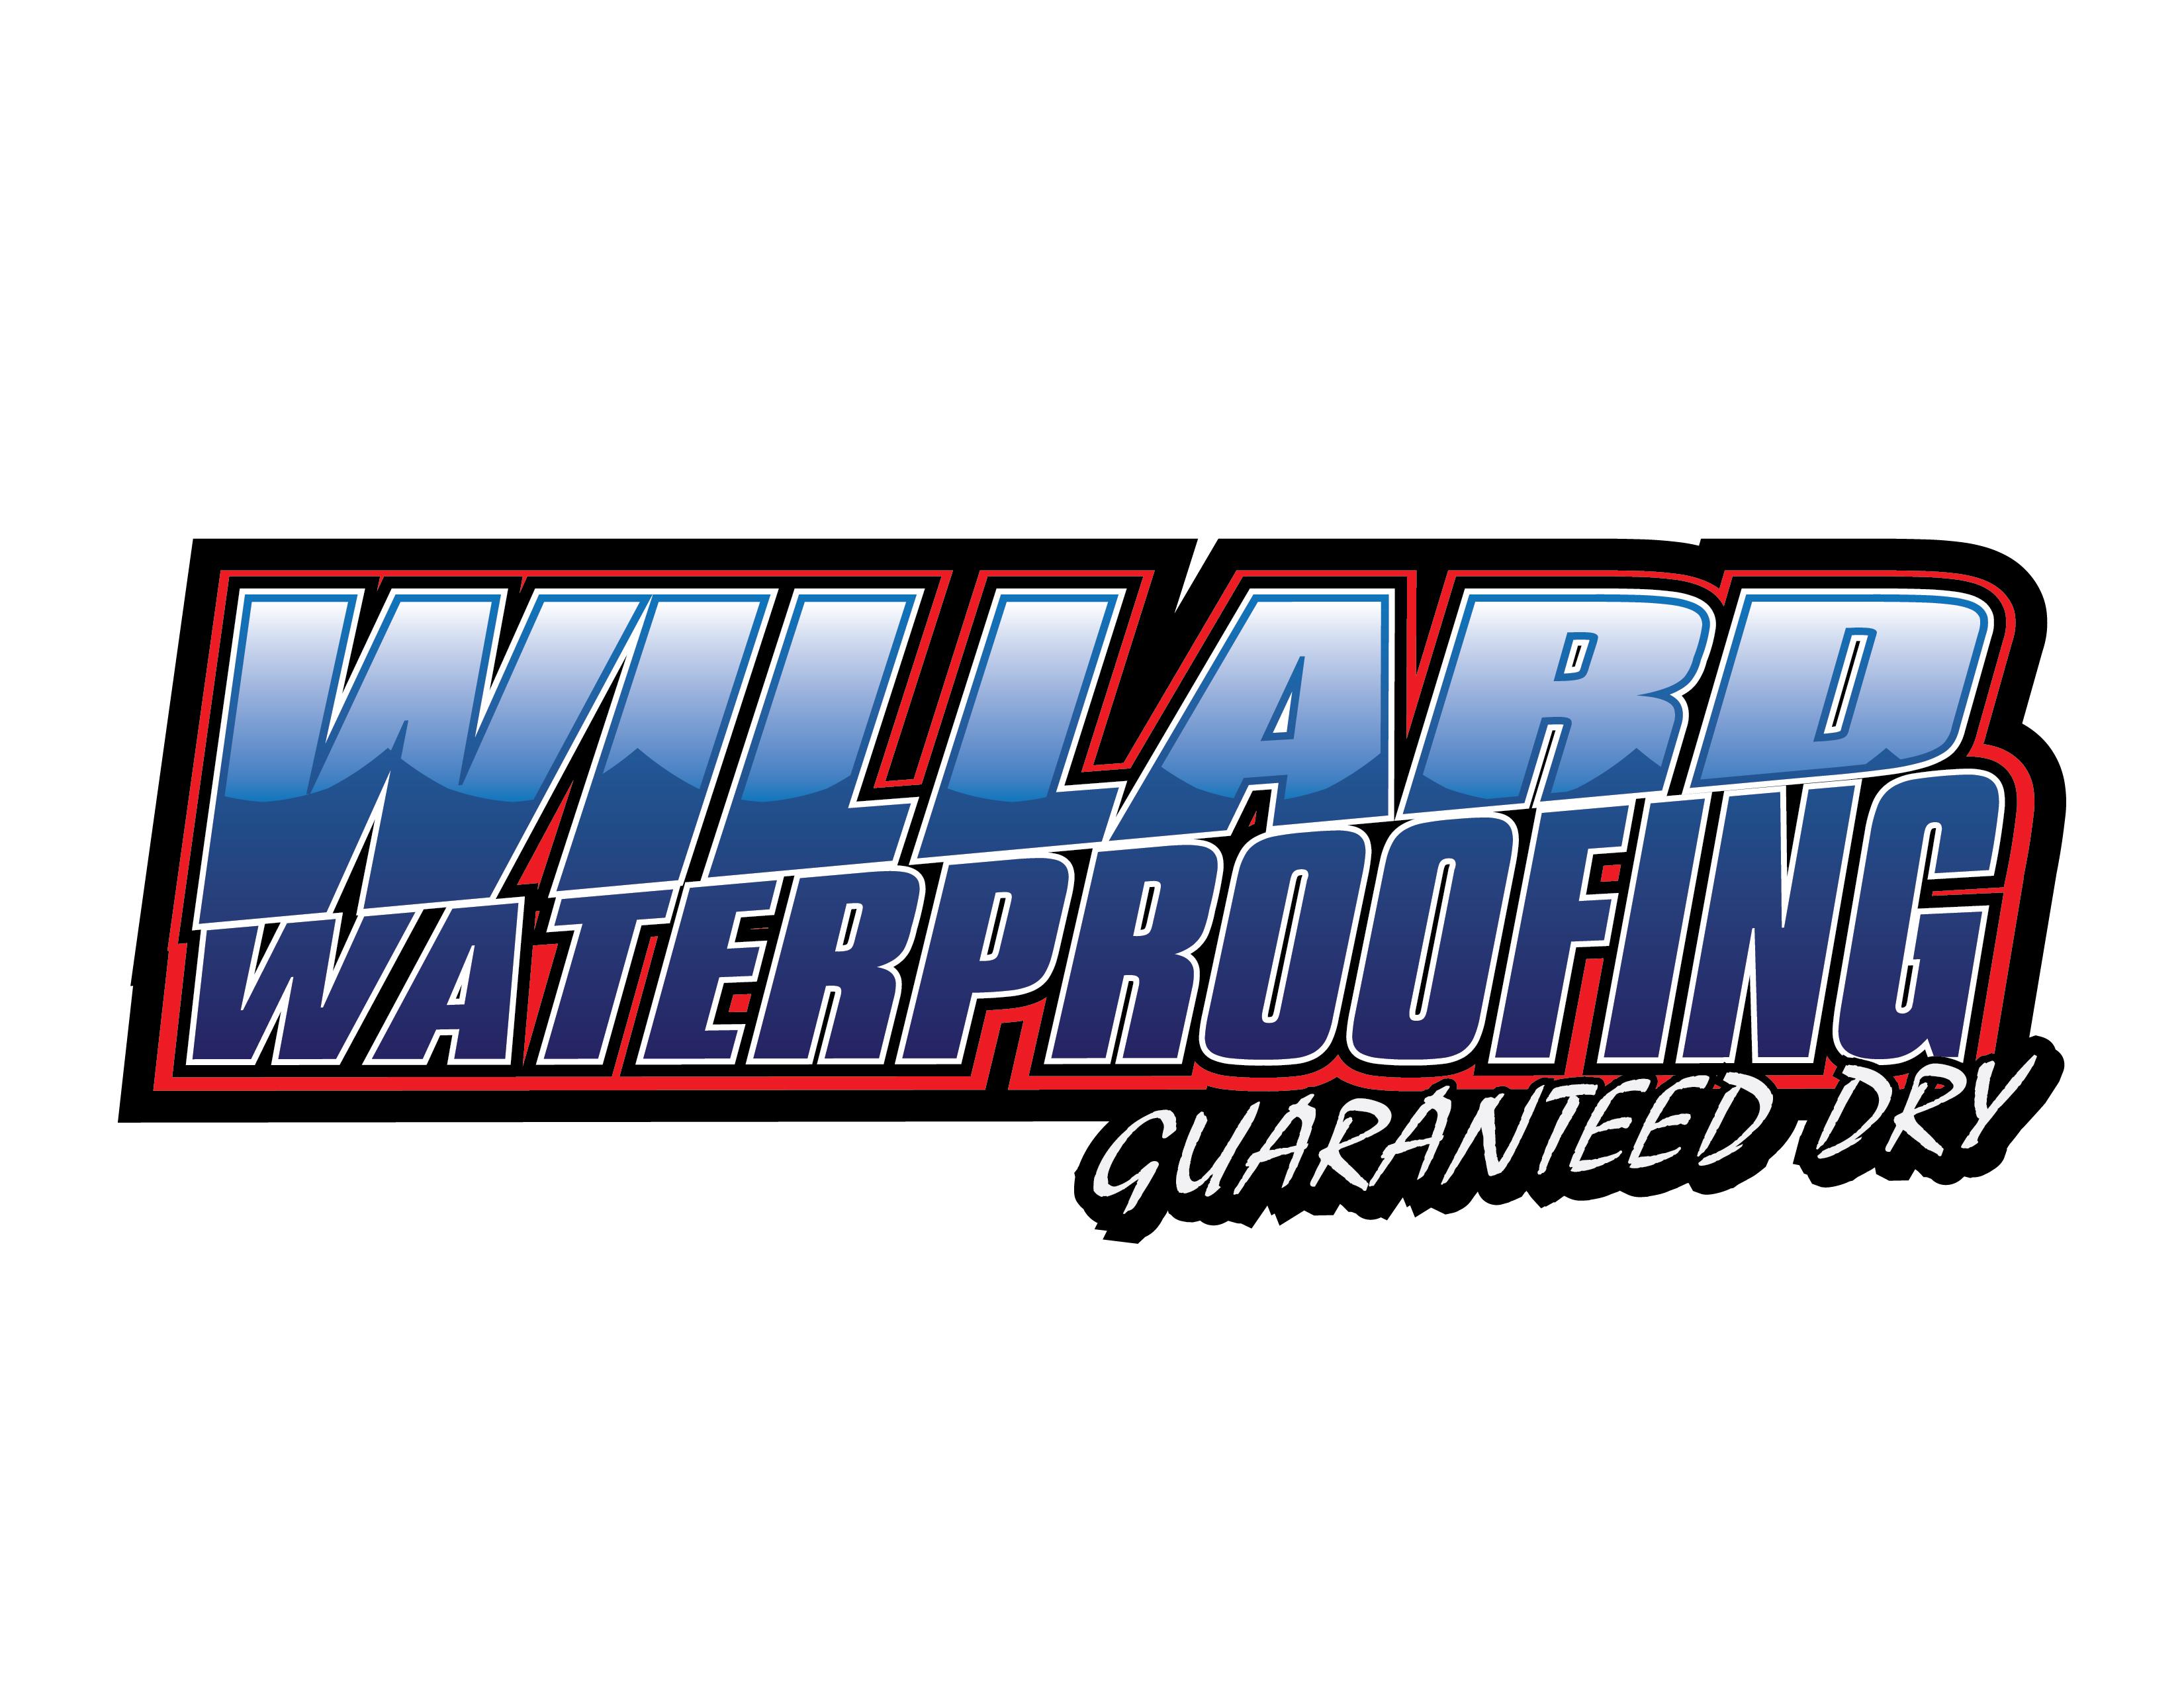 Willard s Waterproofing Specialist 2856 Gumtree Rd Winston Salem